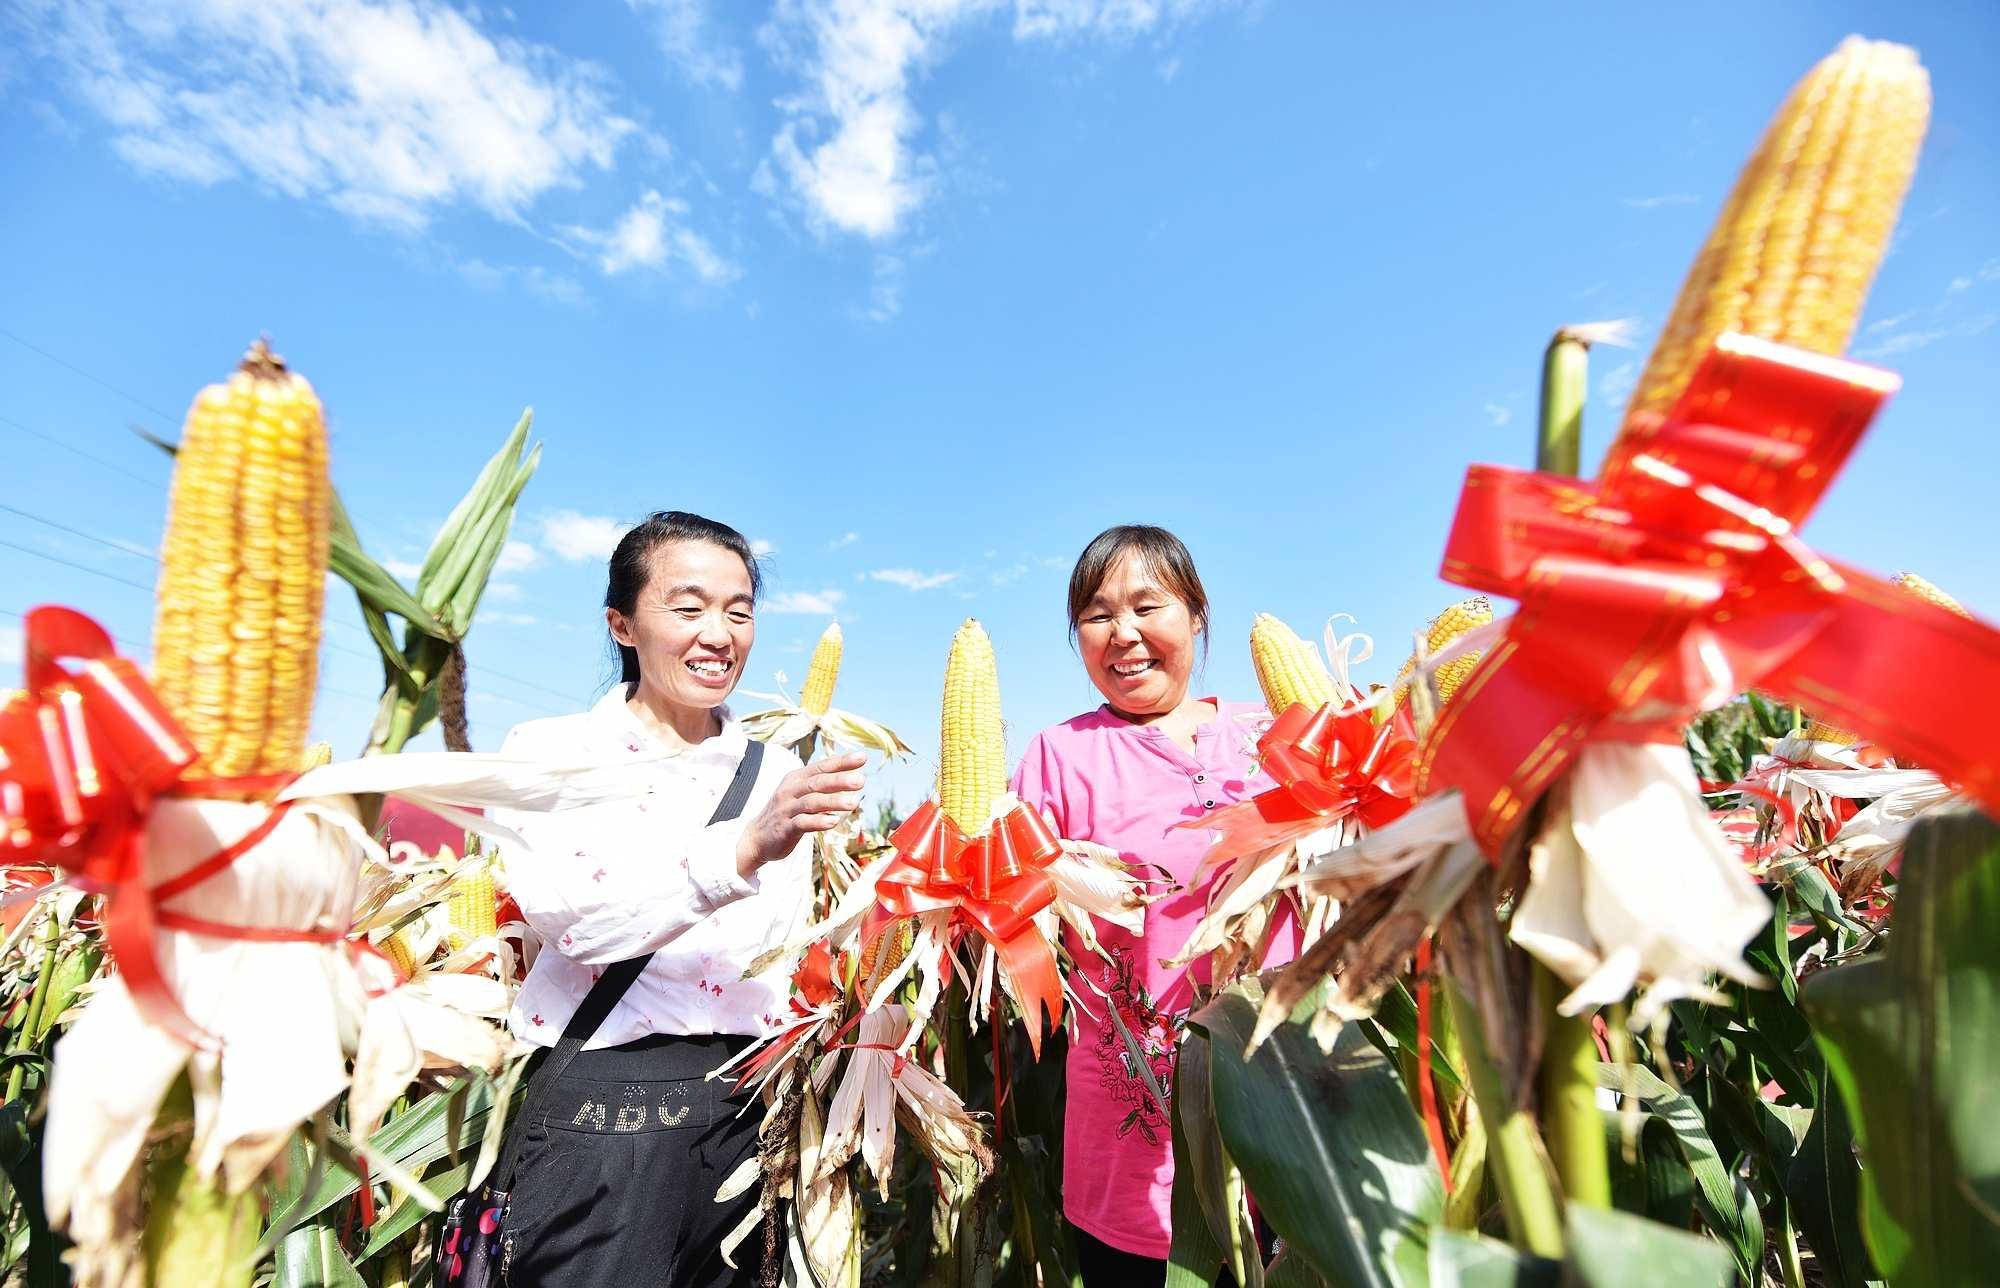 市光耀农业集团组织举办2019年度玉米品种观摩会